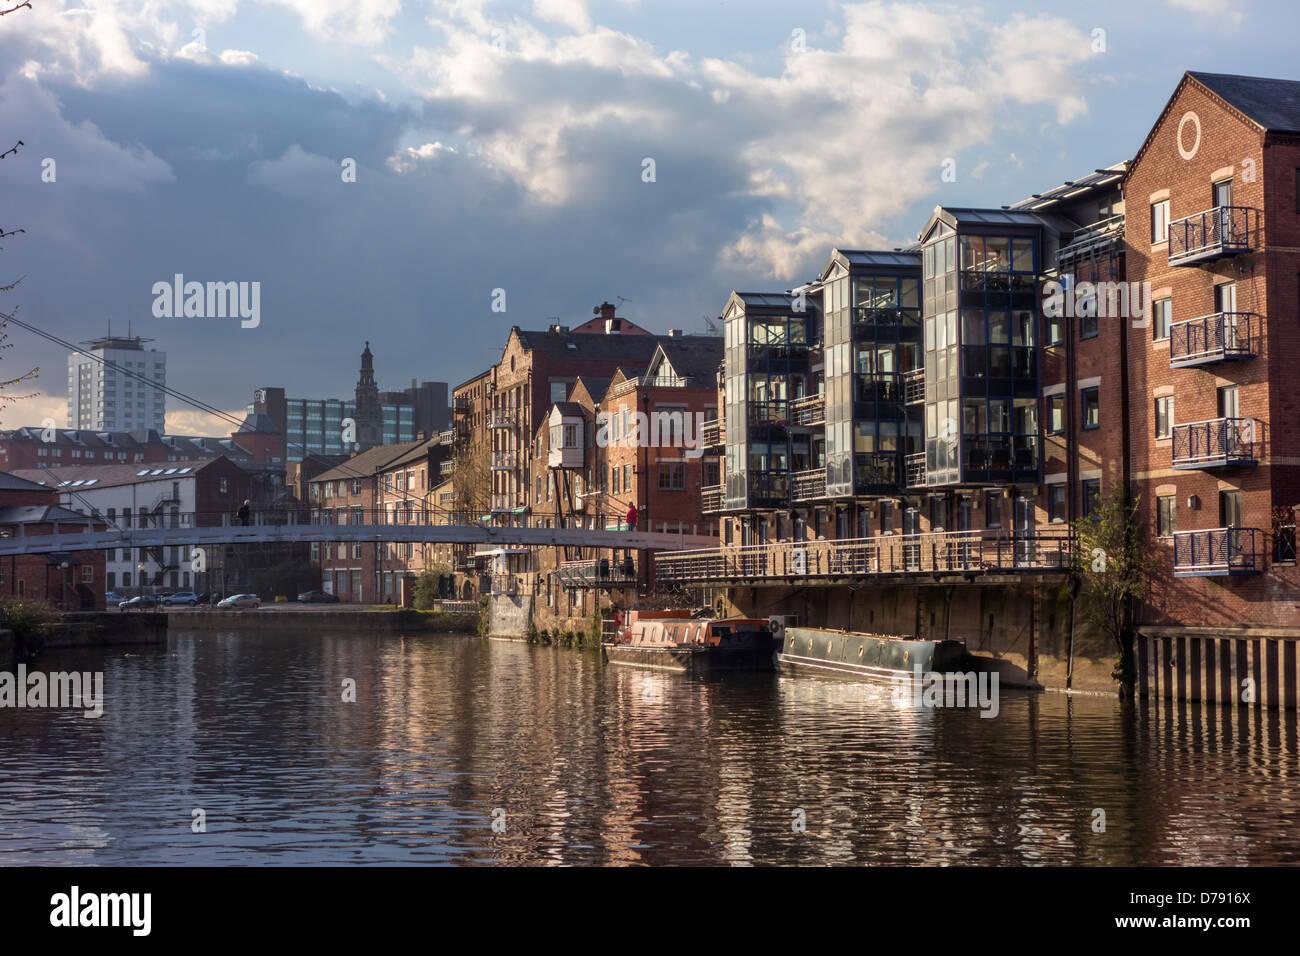 Appartements sur la rivière Aire près du centre-ville, Leeds, West Yorkshire, Royaume-Uni Photo Stock